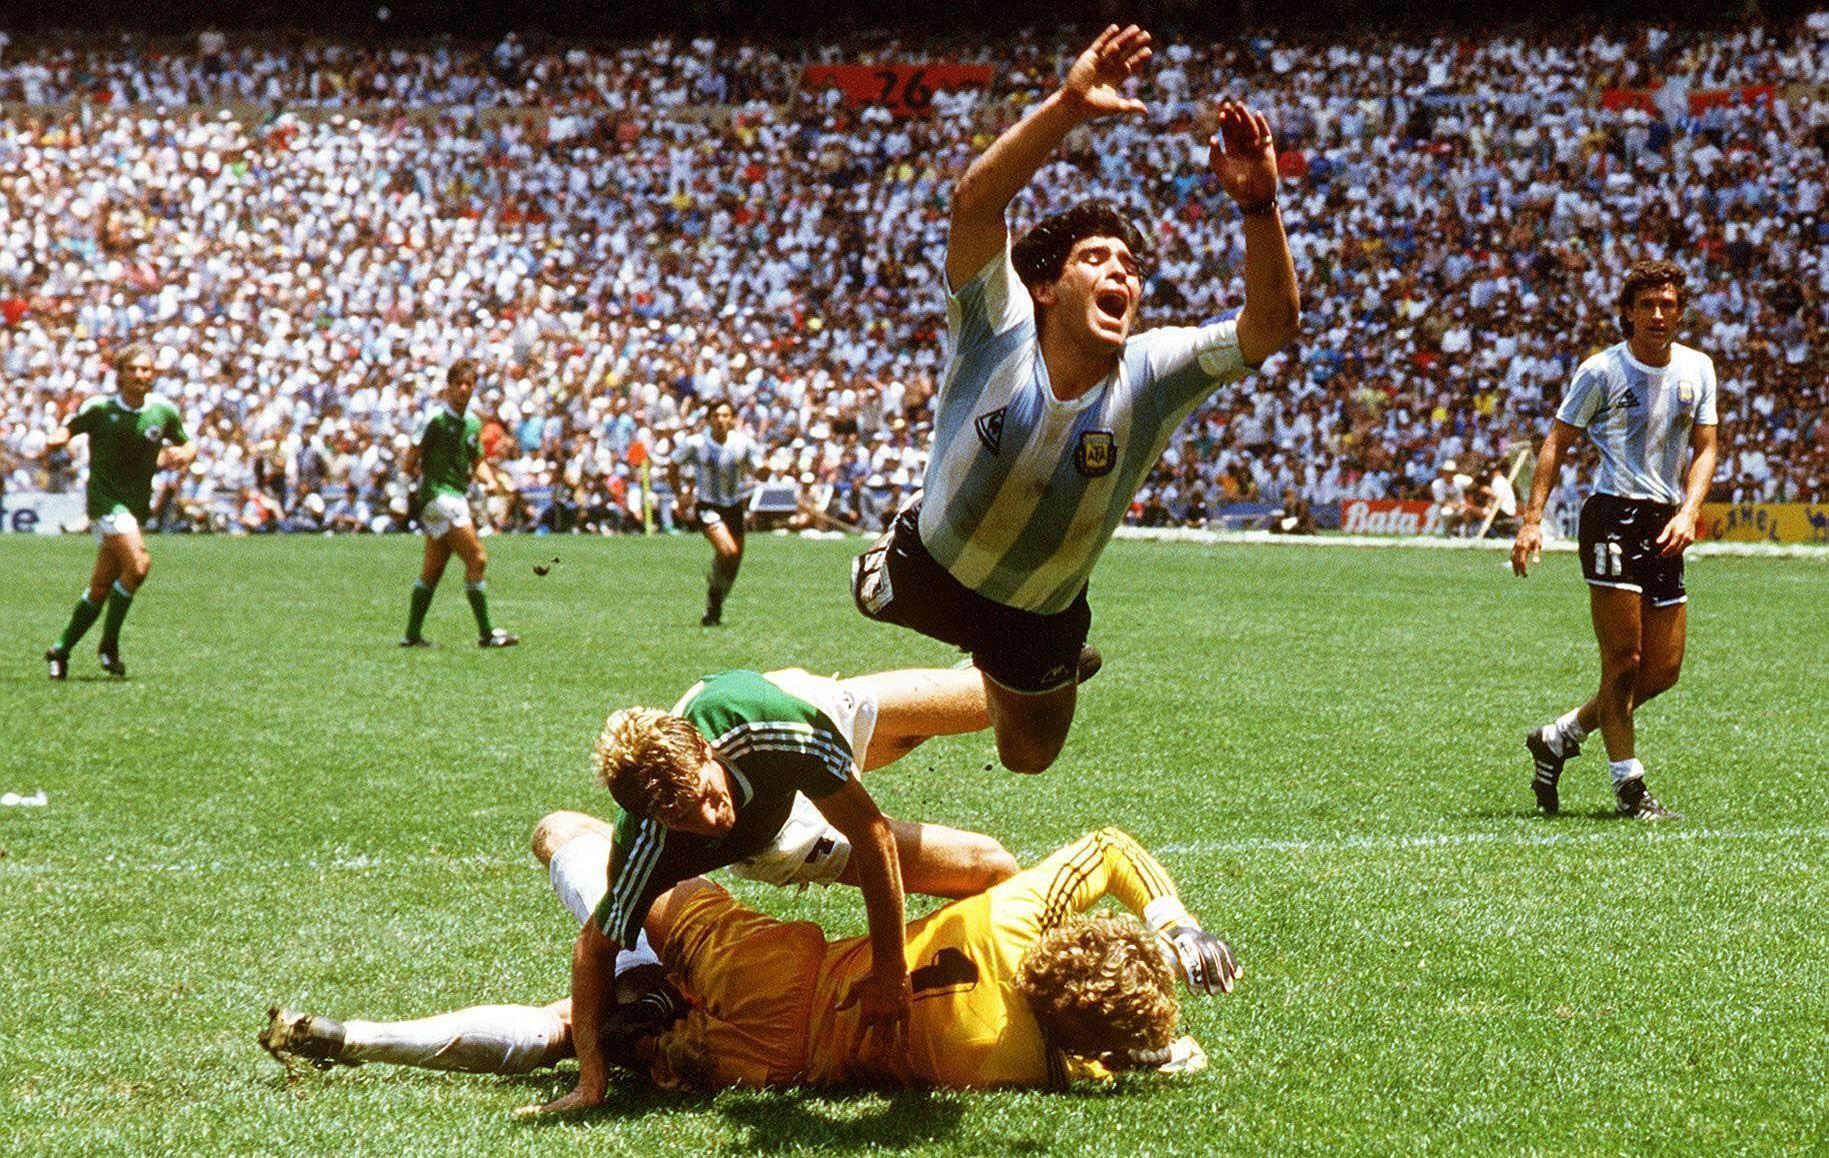 Coupe du monde 19 finales dans le r tro 2014 br sil - Coupe du monde 2014 bresil allemagne ...